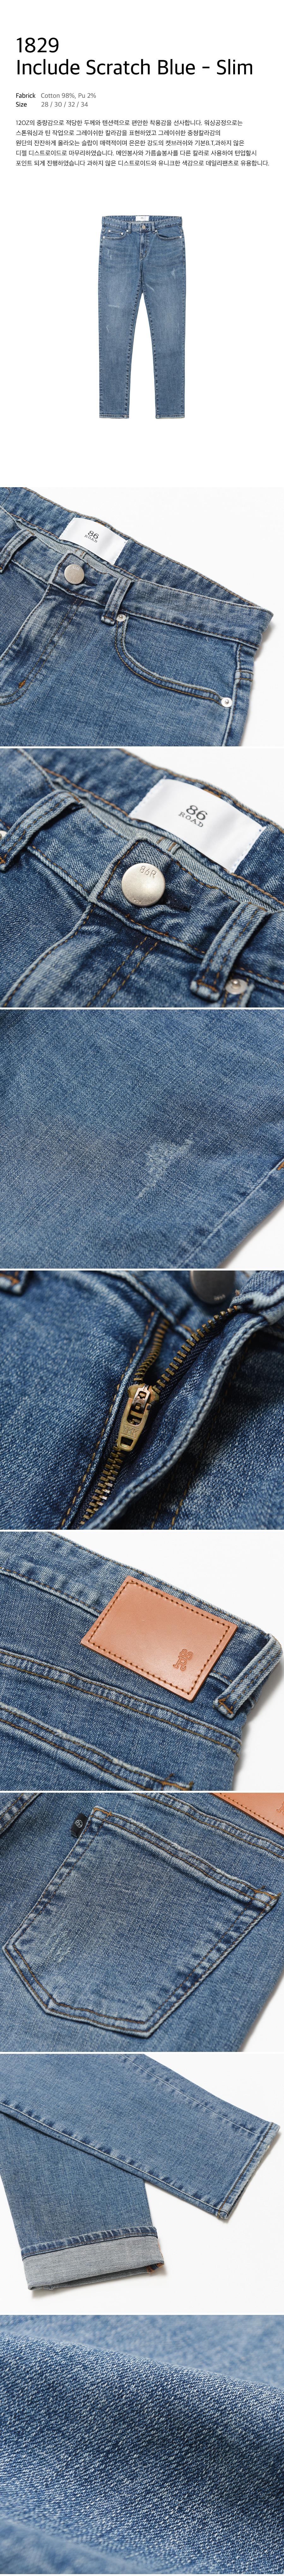 86로드(86ROAD) 1829 Include Scratch Blue / Slim